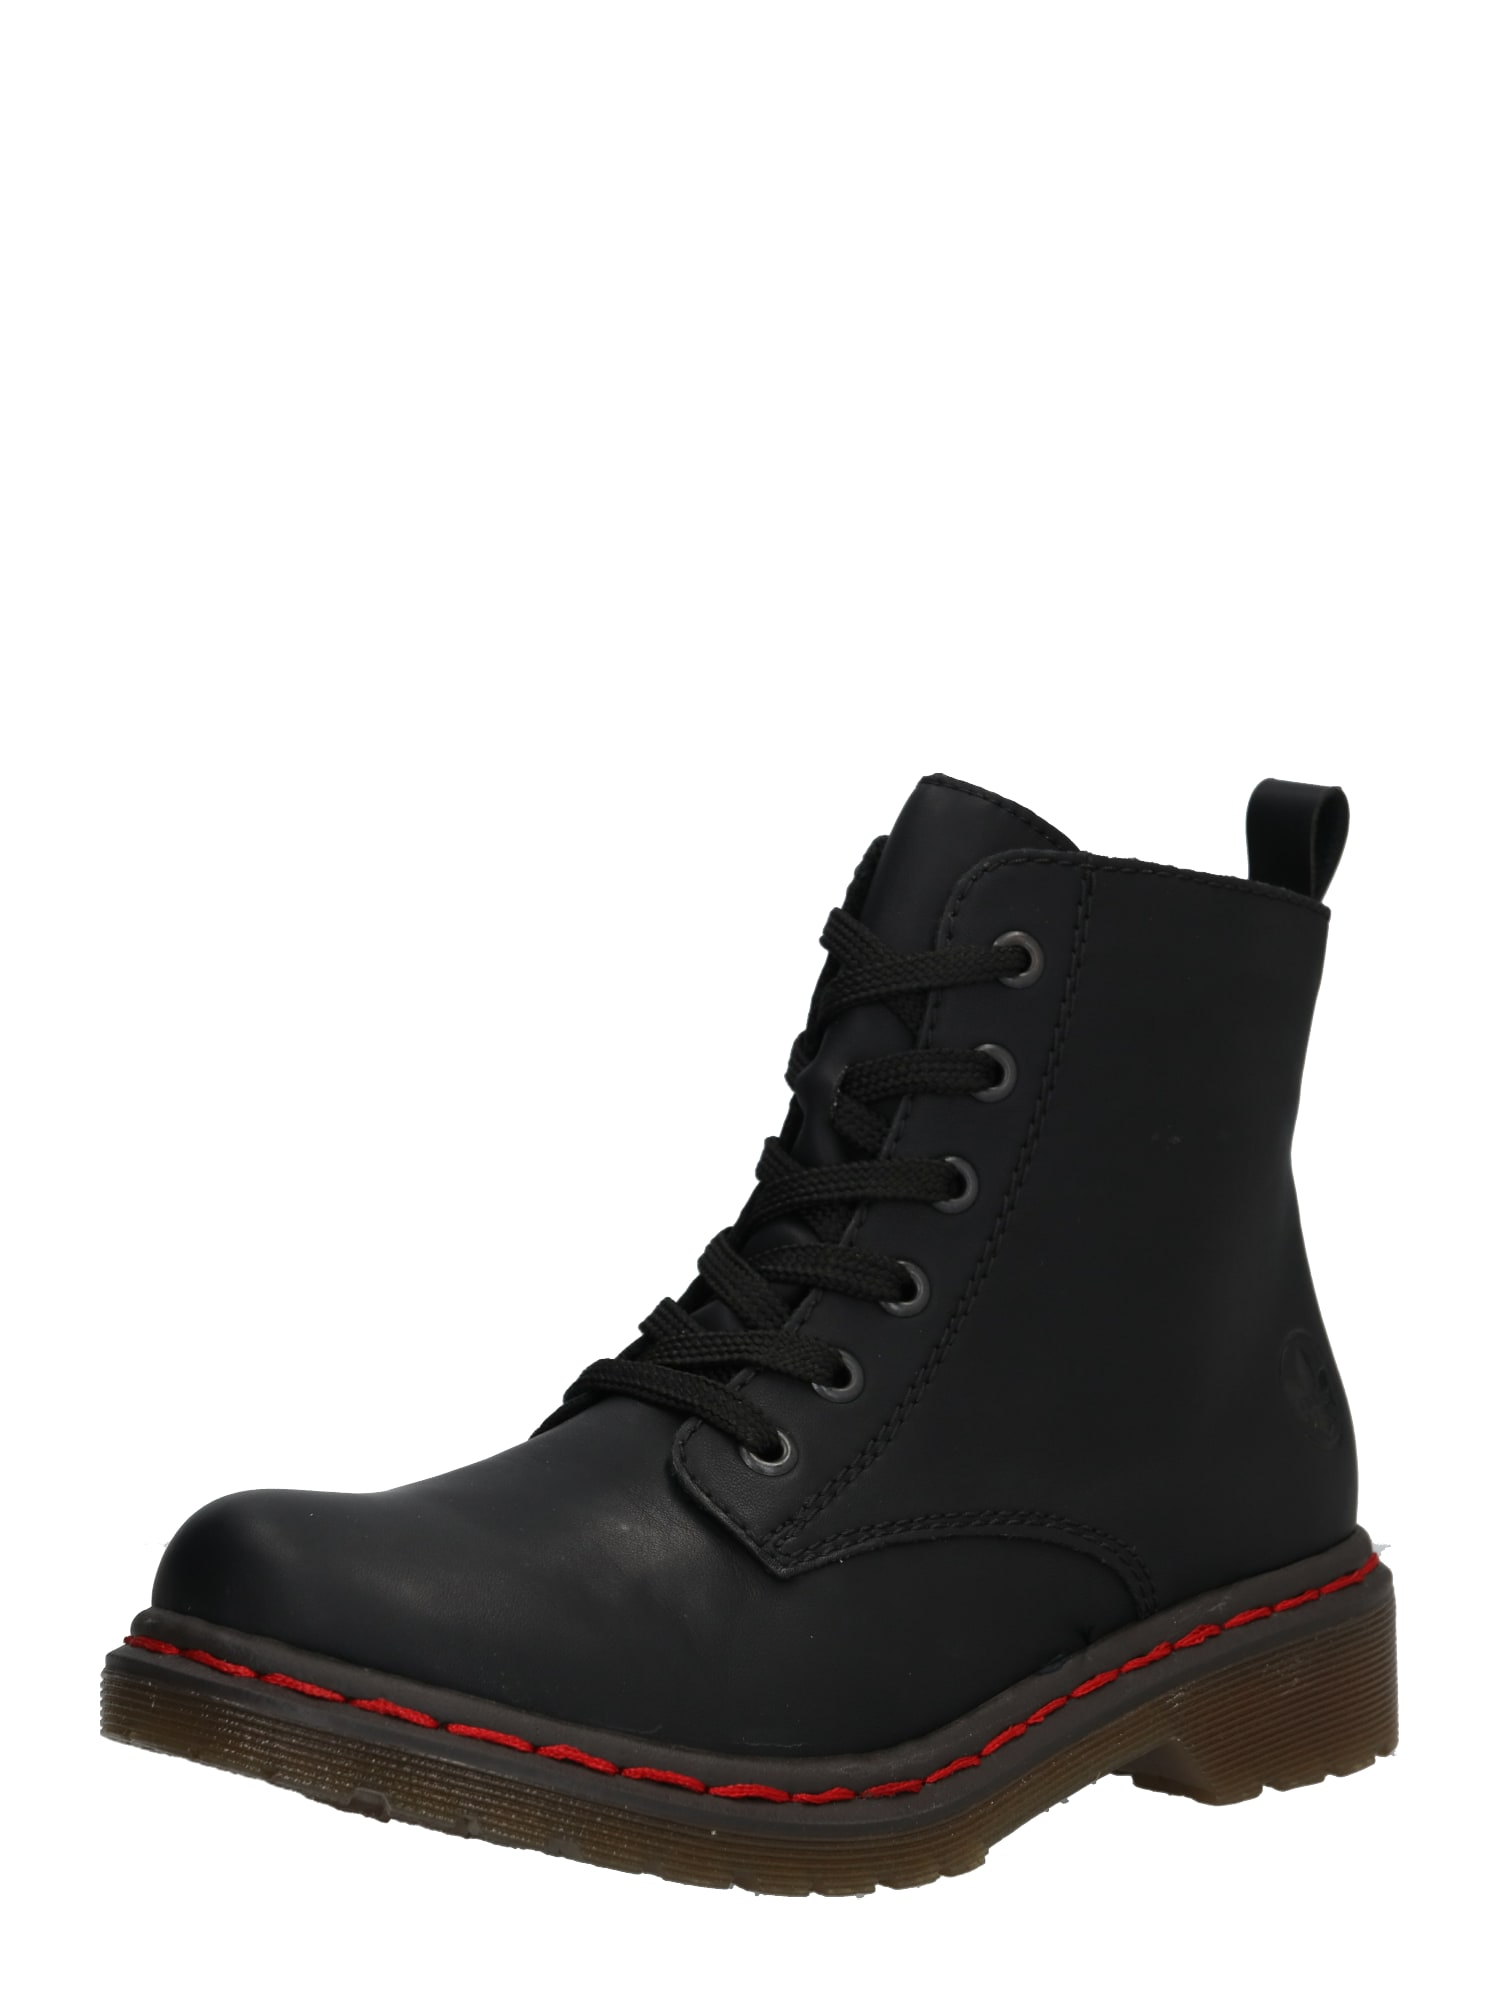 Šněrovací boty Y8210 hnědá černá RIEKER